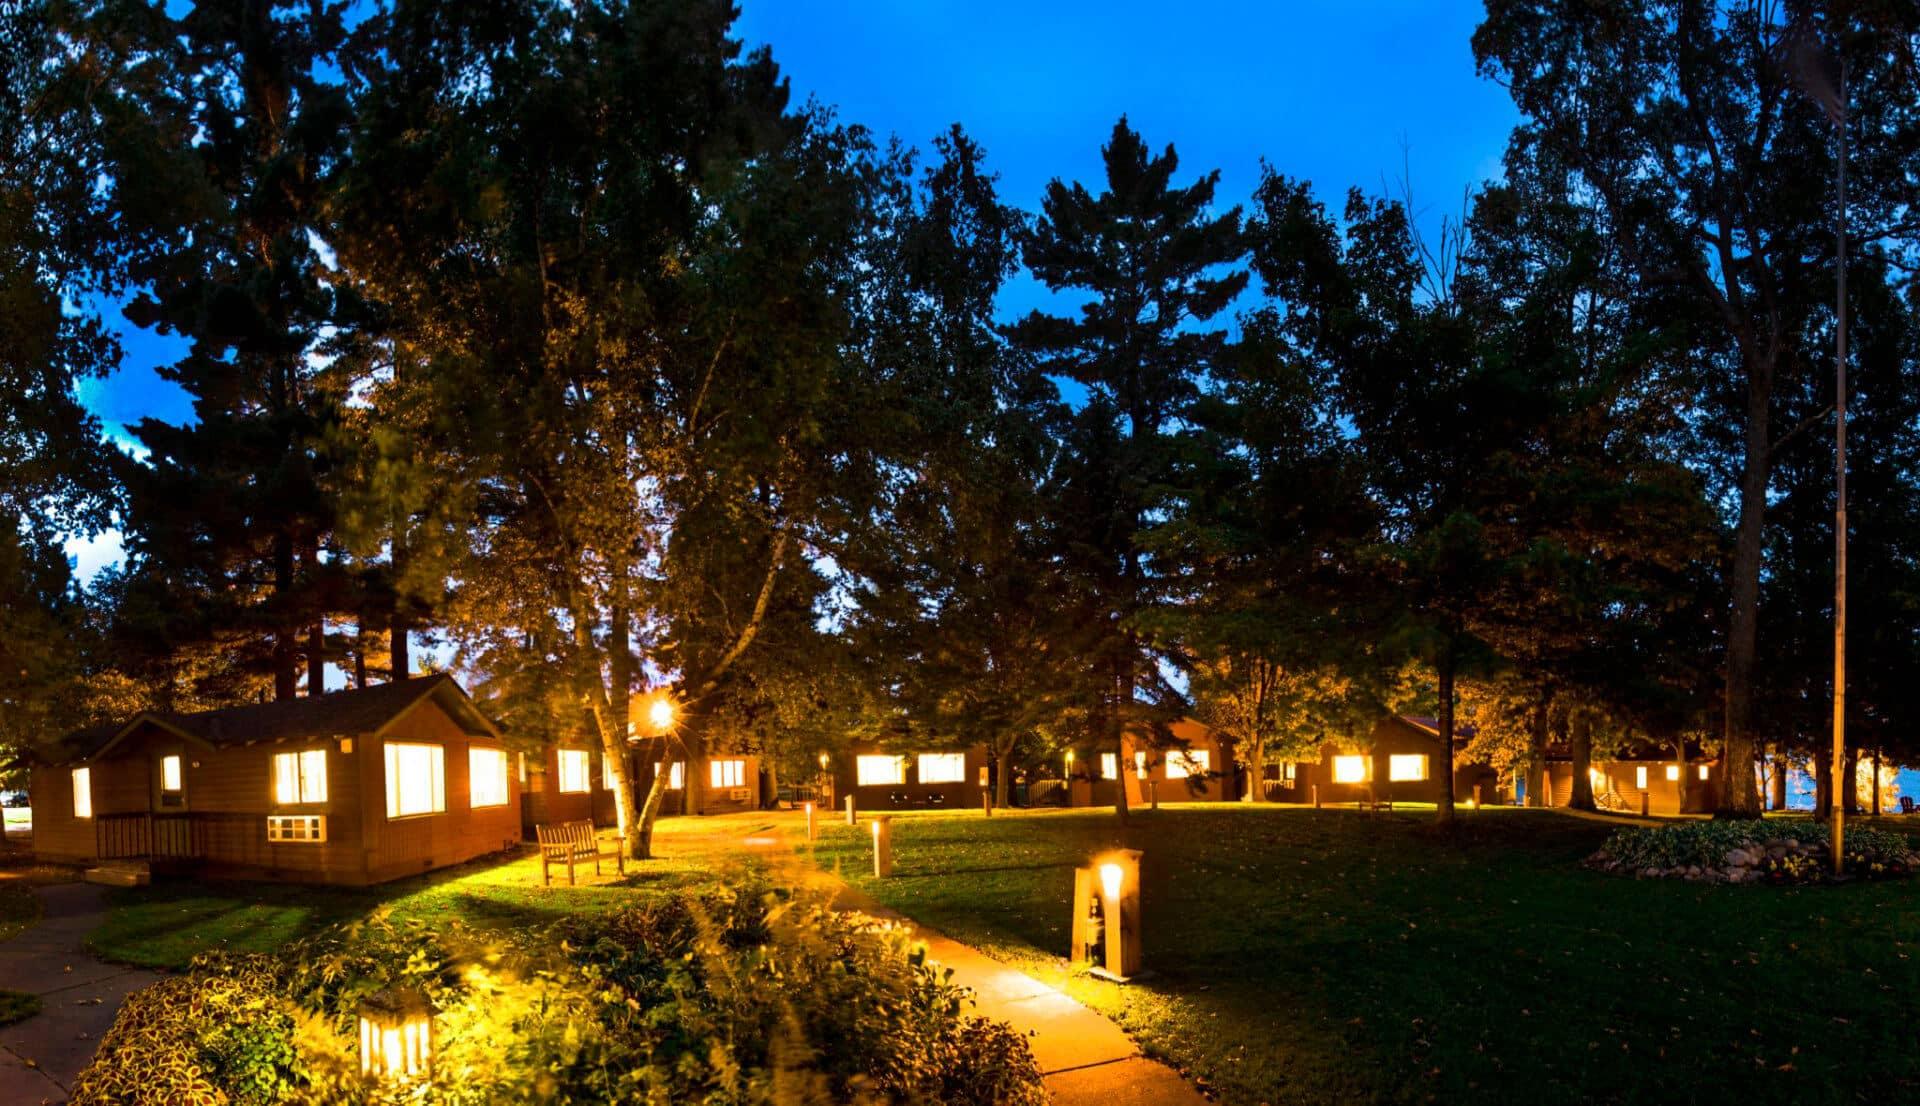 Ruttger's cabins at night